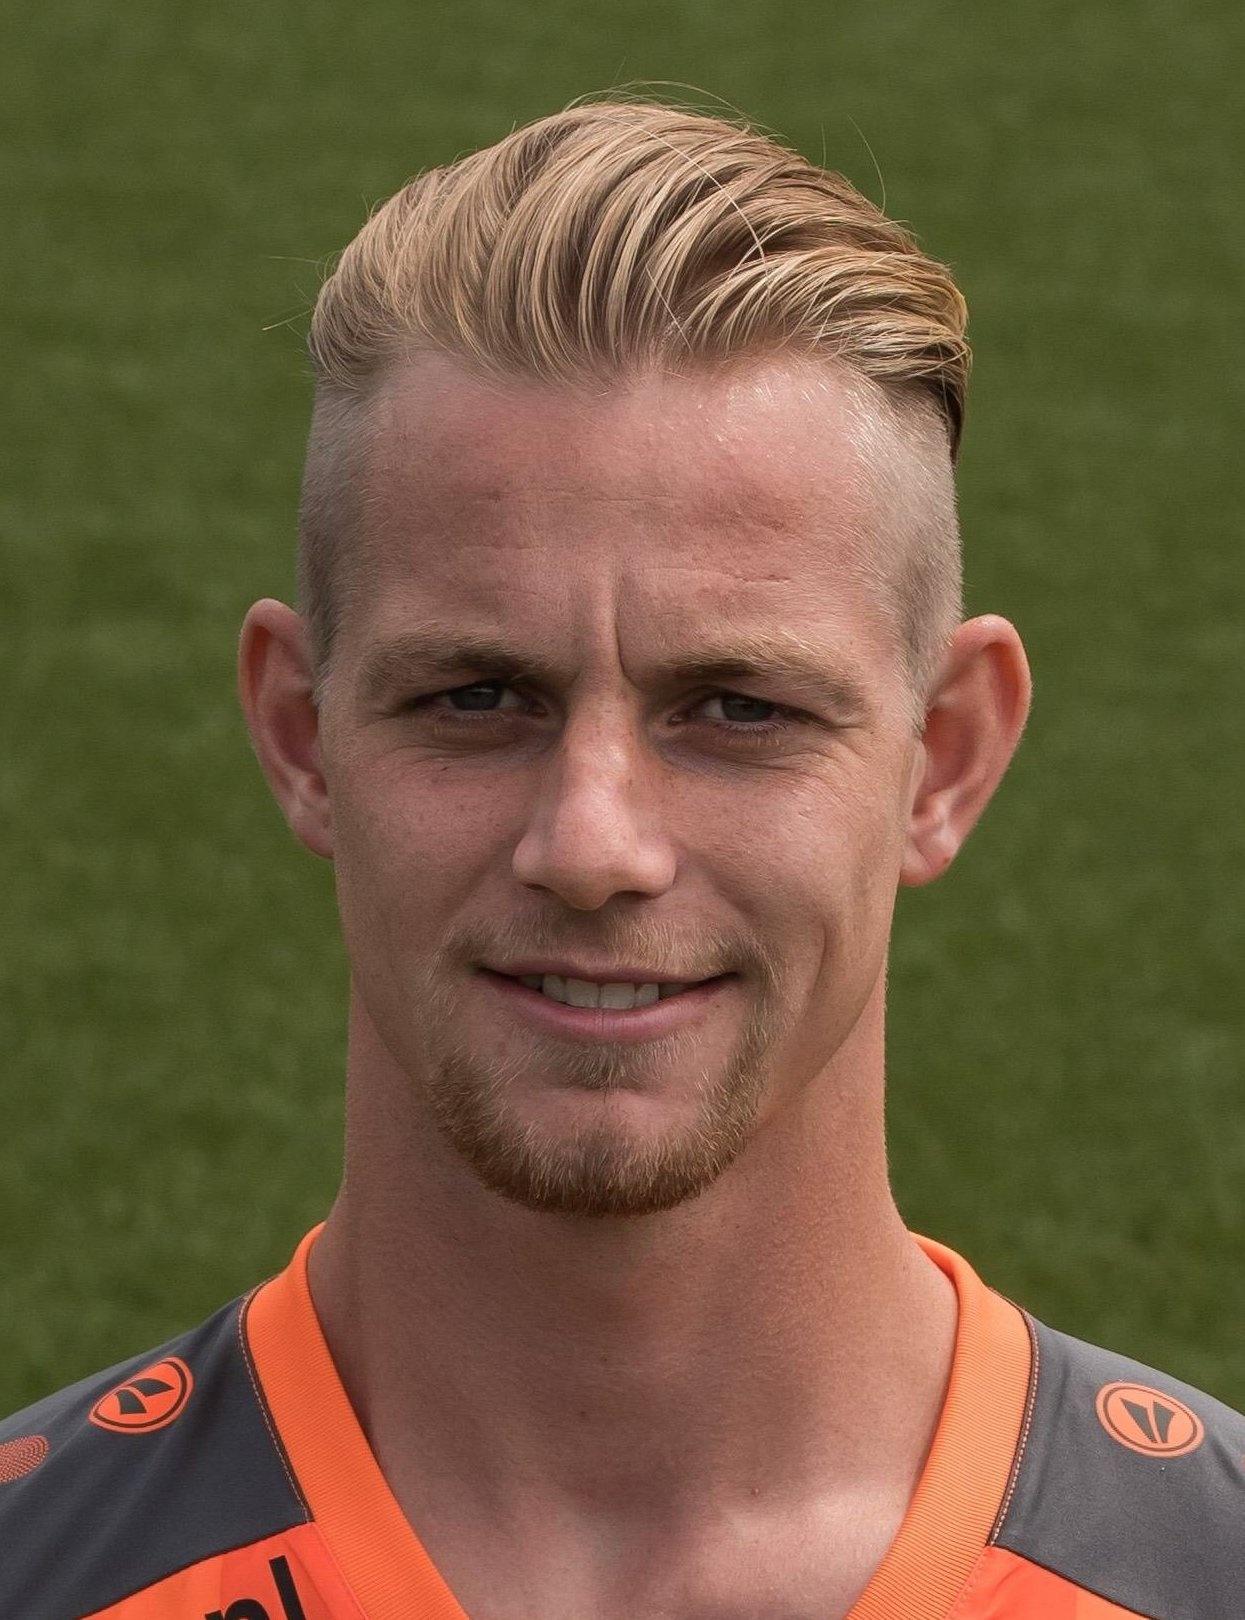 Kevin van Kippersluis - Player Profile 2019 | Transfermarkt